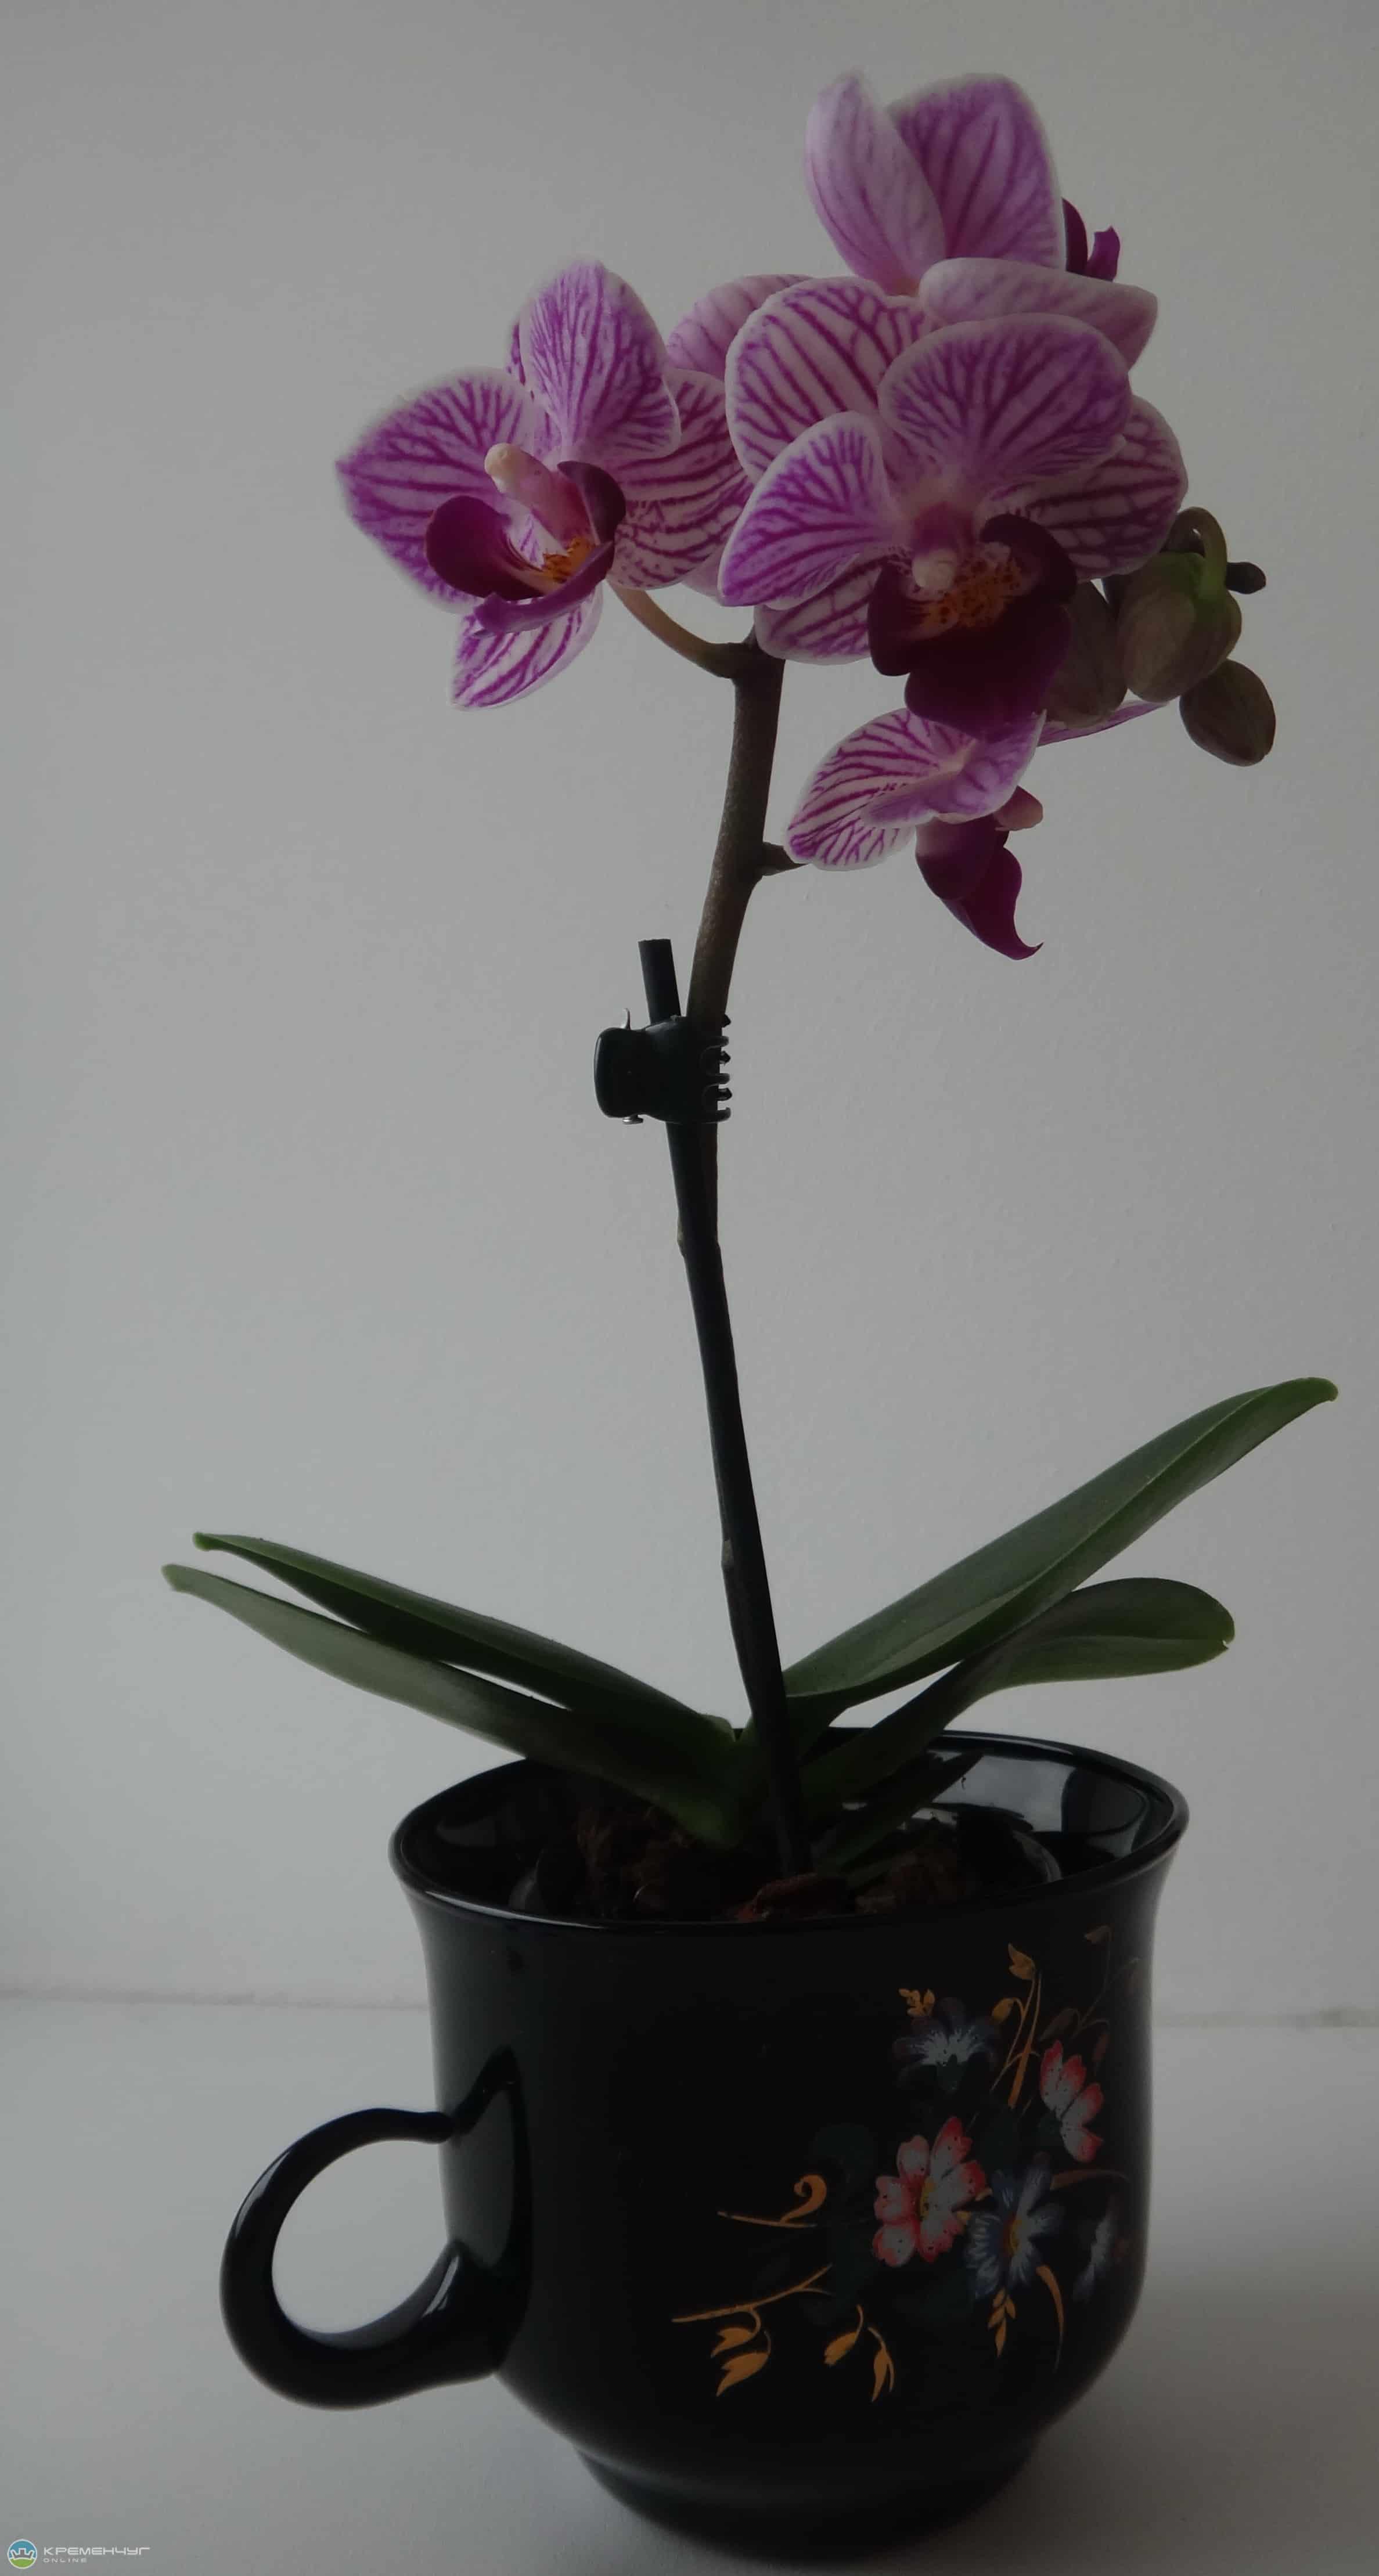 Орхидея засыхает - как спасти и реанимировать растение: видео-инструкция